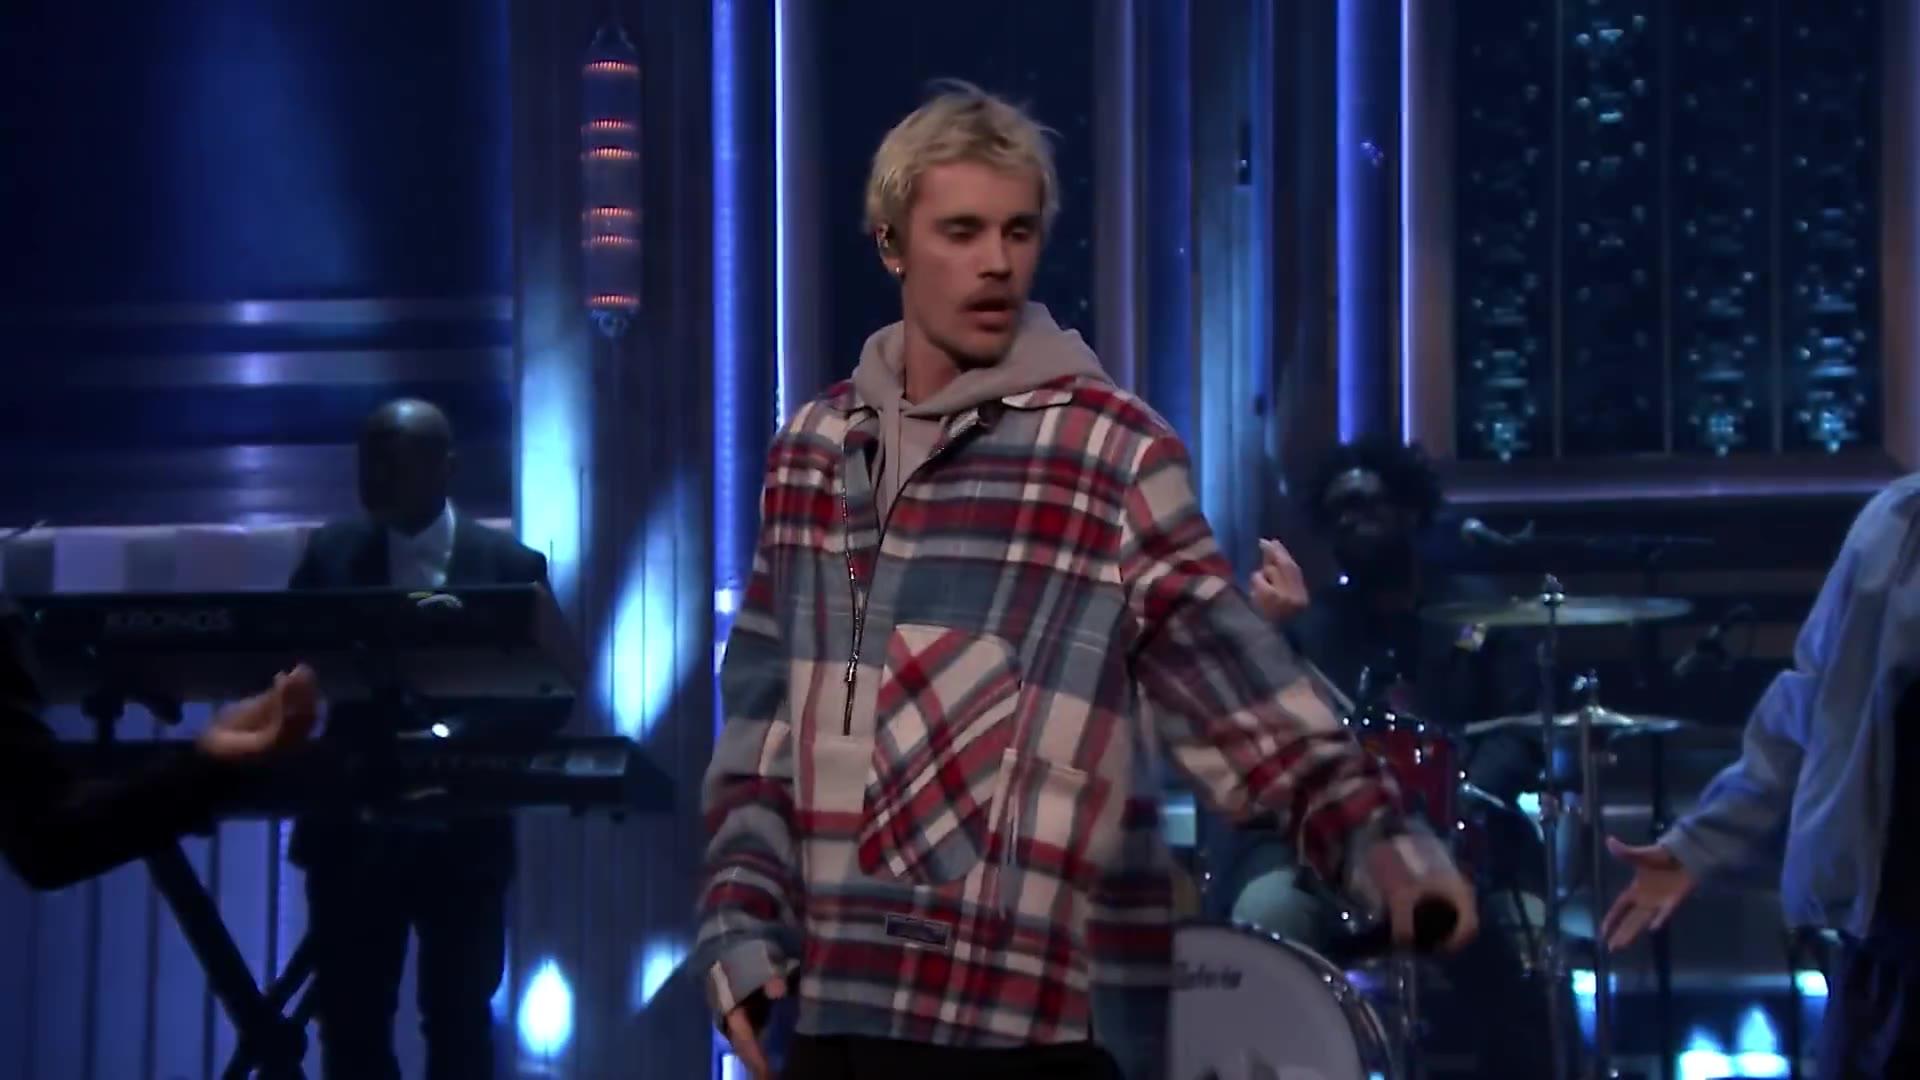 贾斯丁比伯 Justin Bieber ft. Quavo- Intentions